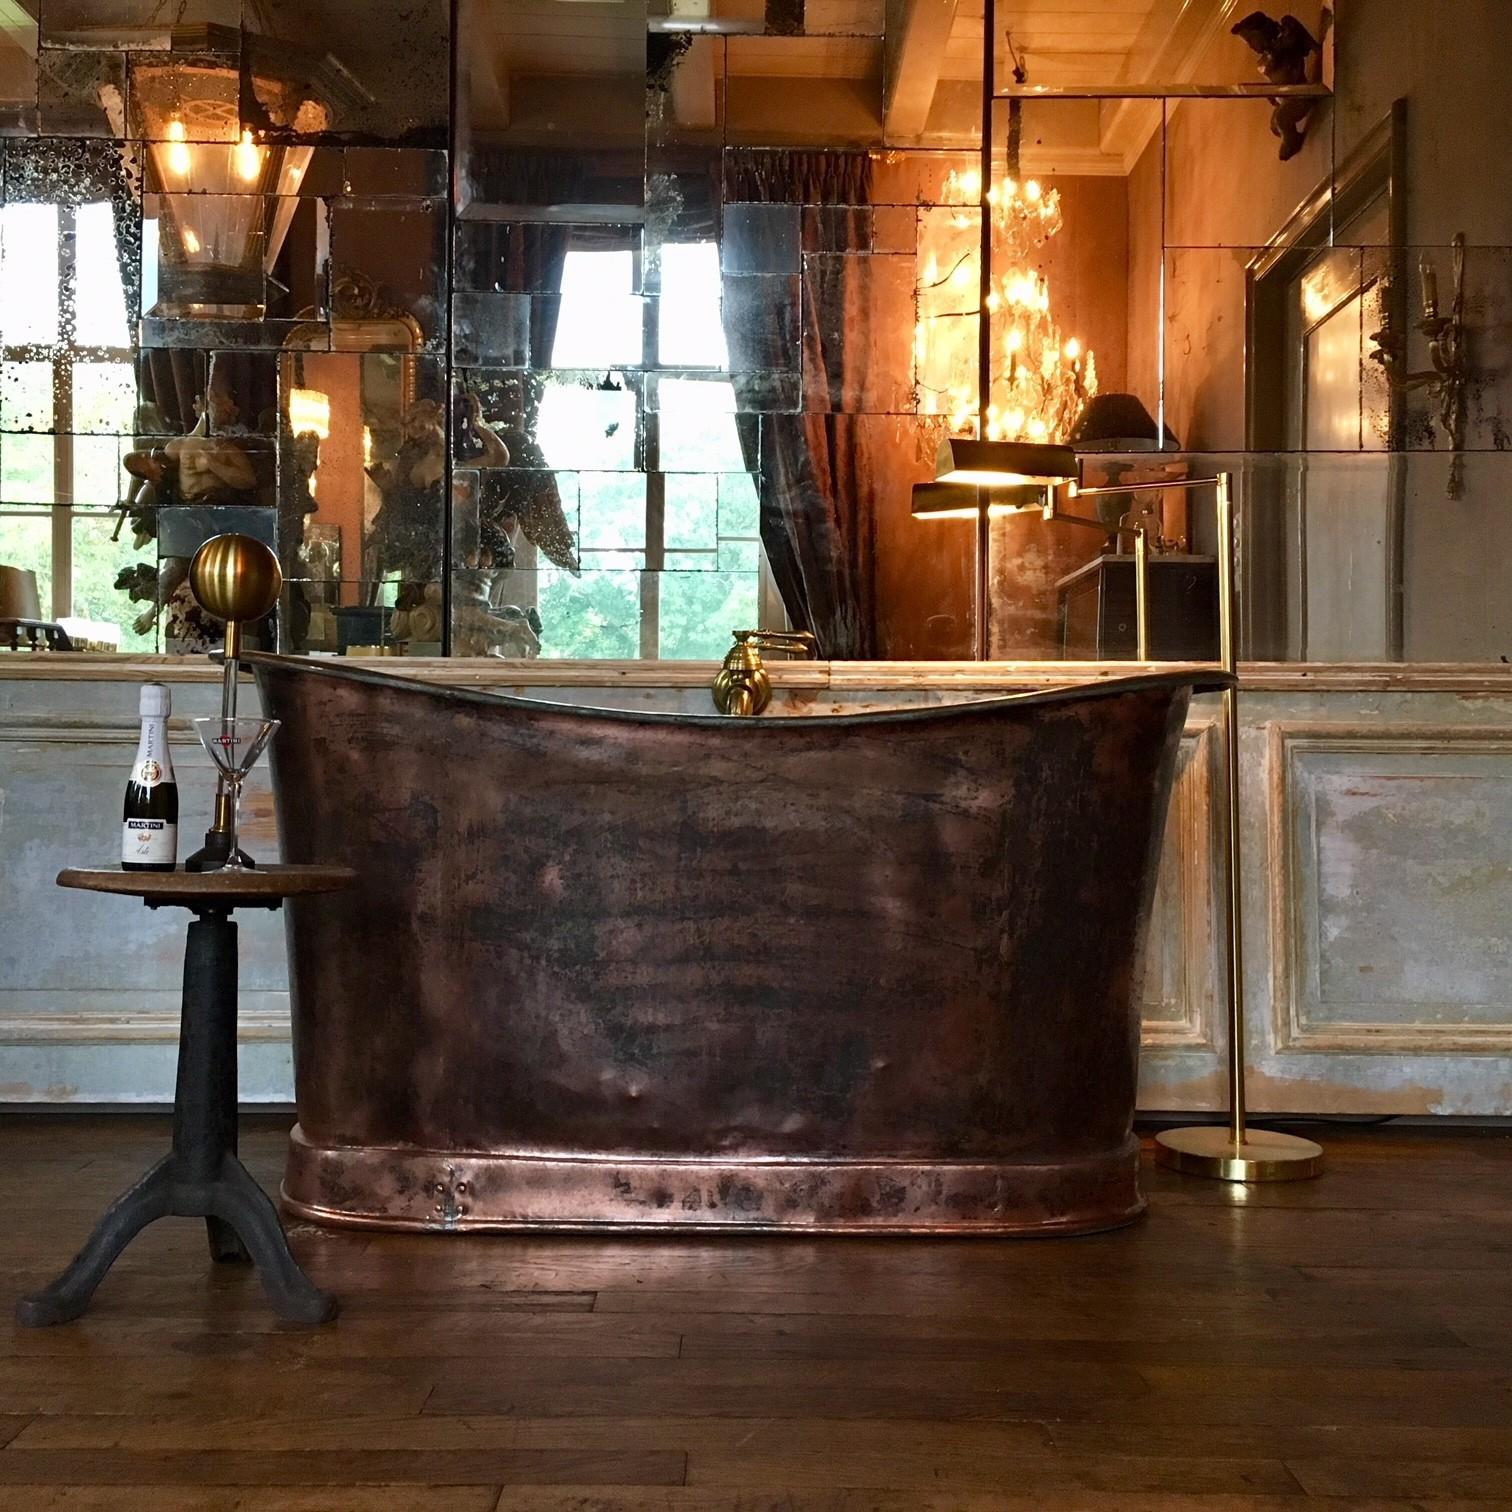 Schöne Kupferbadewanne aus dem frühen 19. Jahrhundert